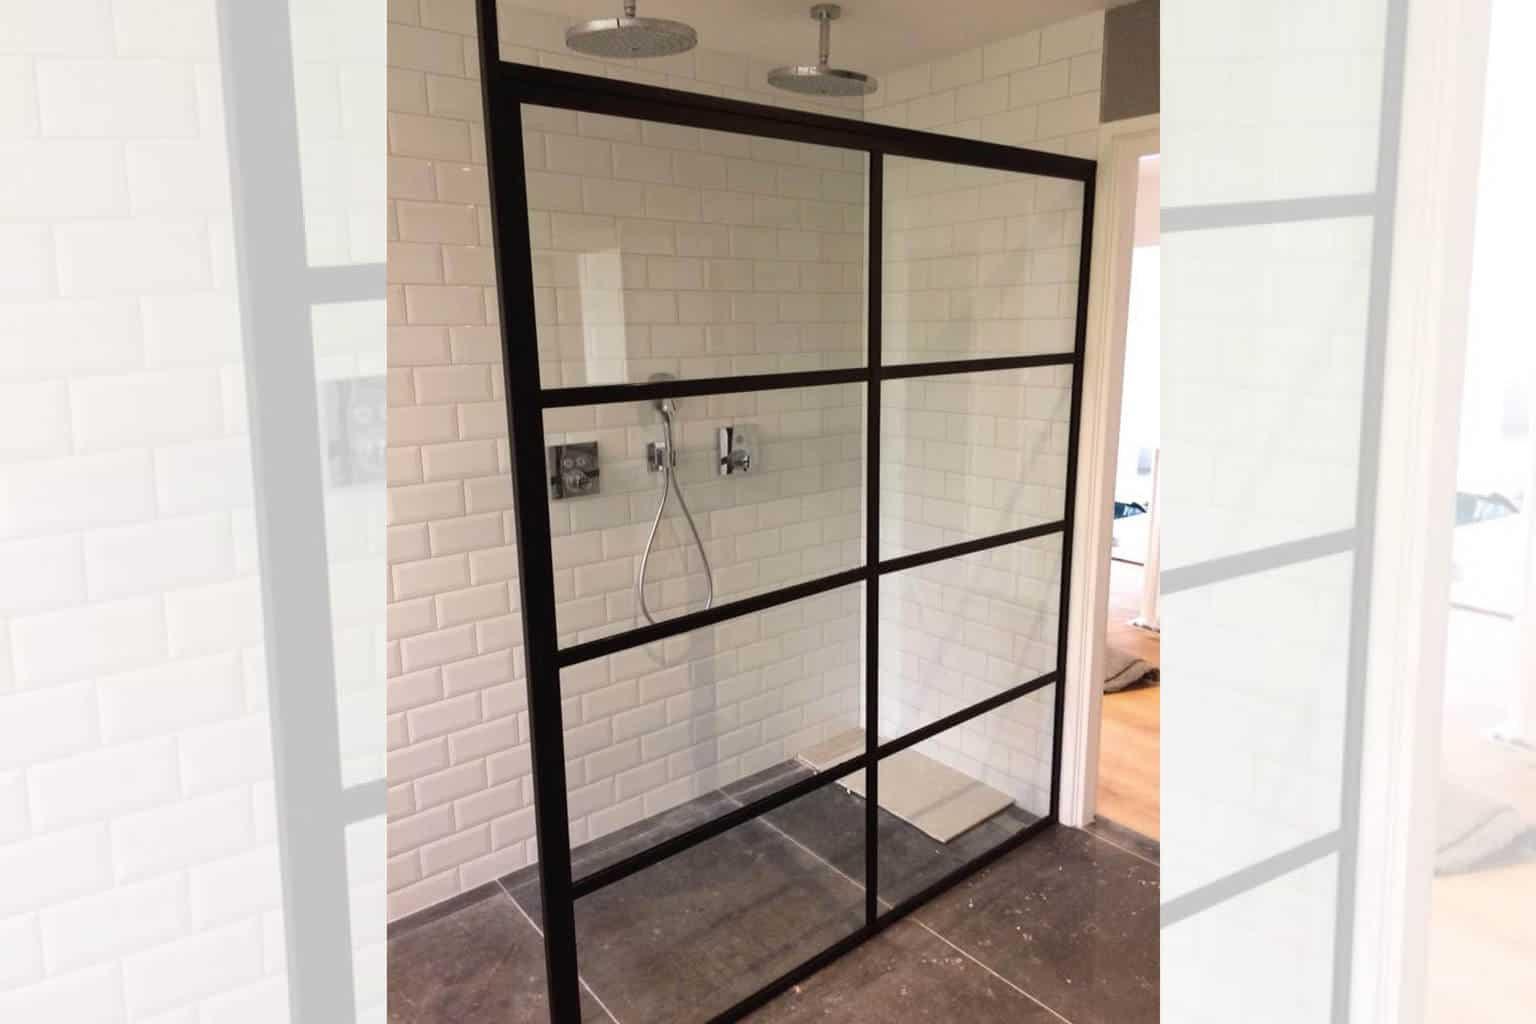 New Glazen Industriële look deur in huis? Glass Inside natuurlijk! @TK86